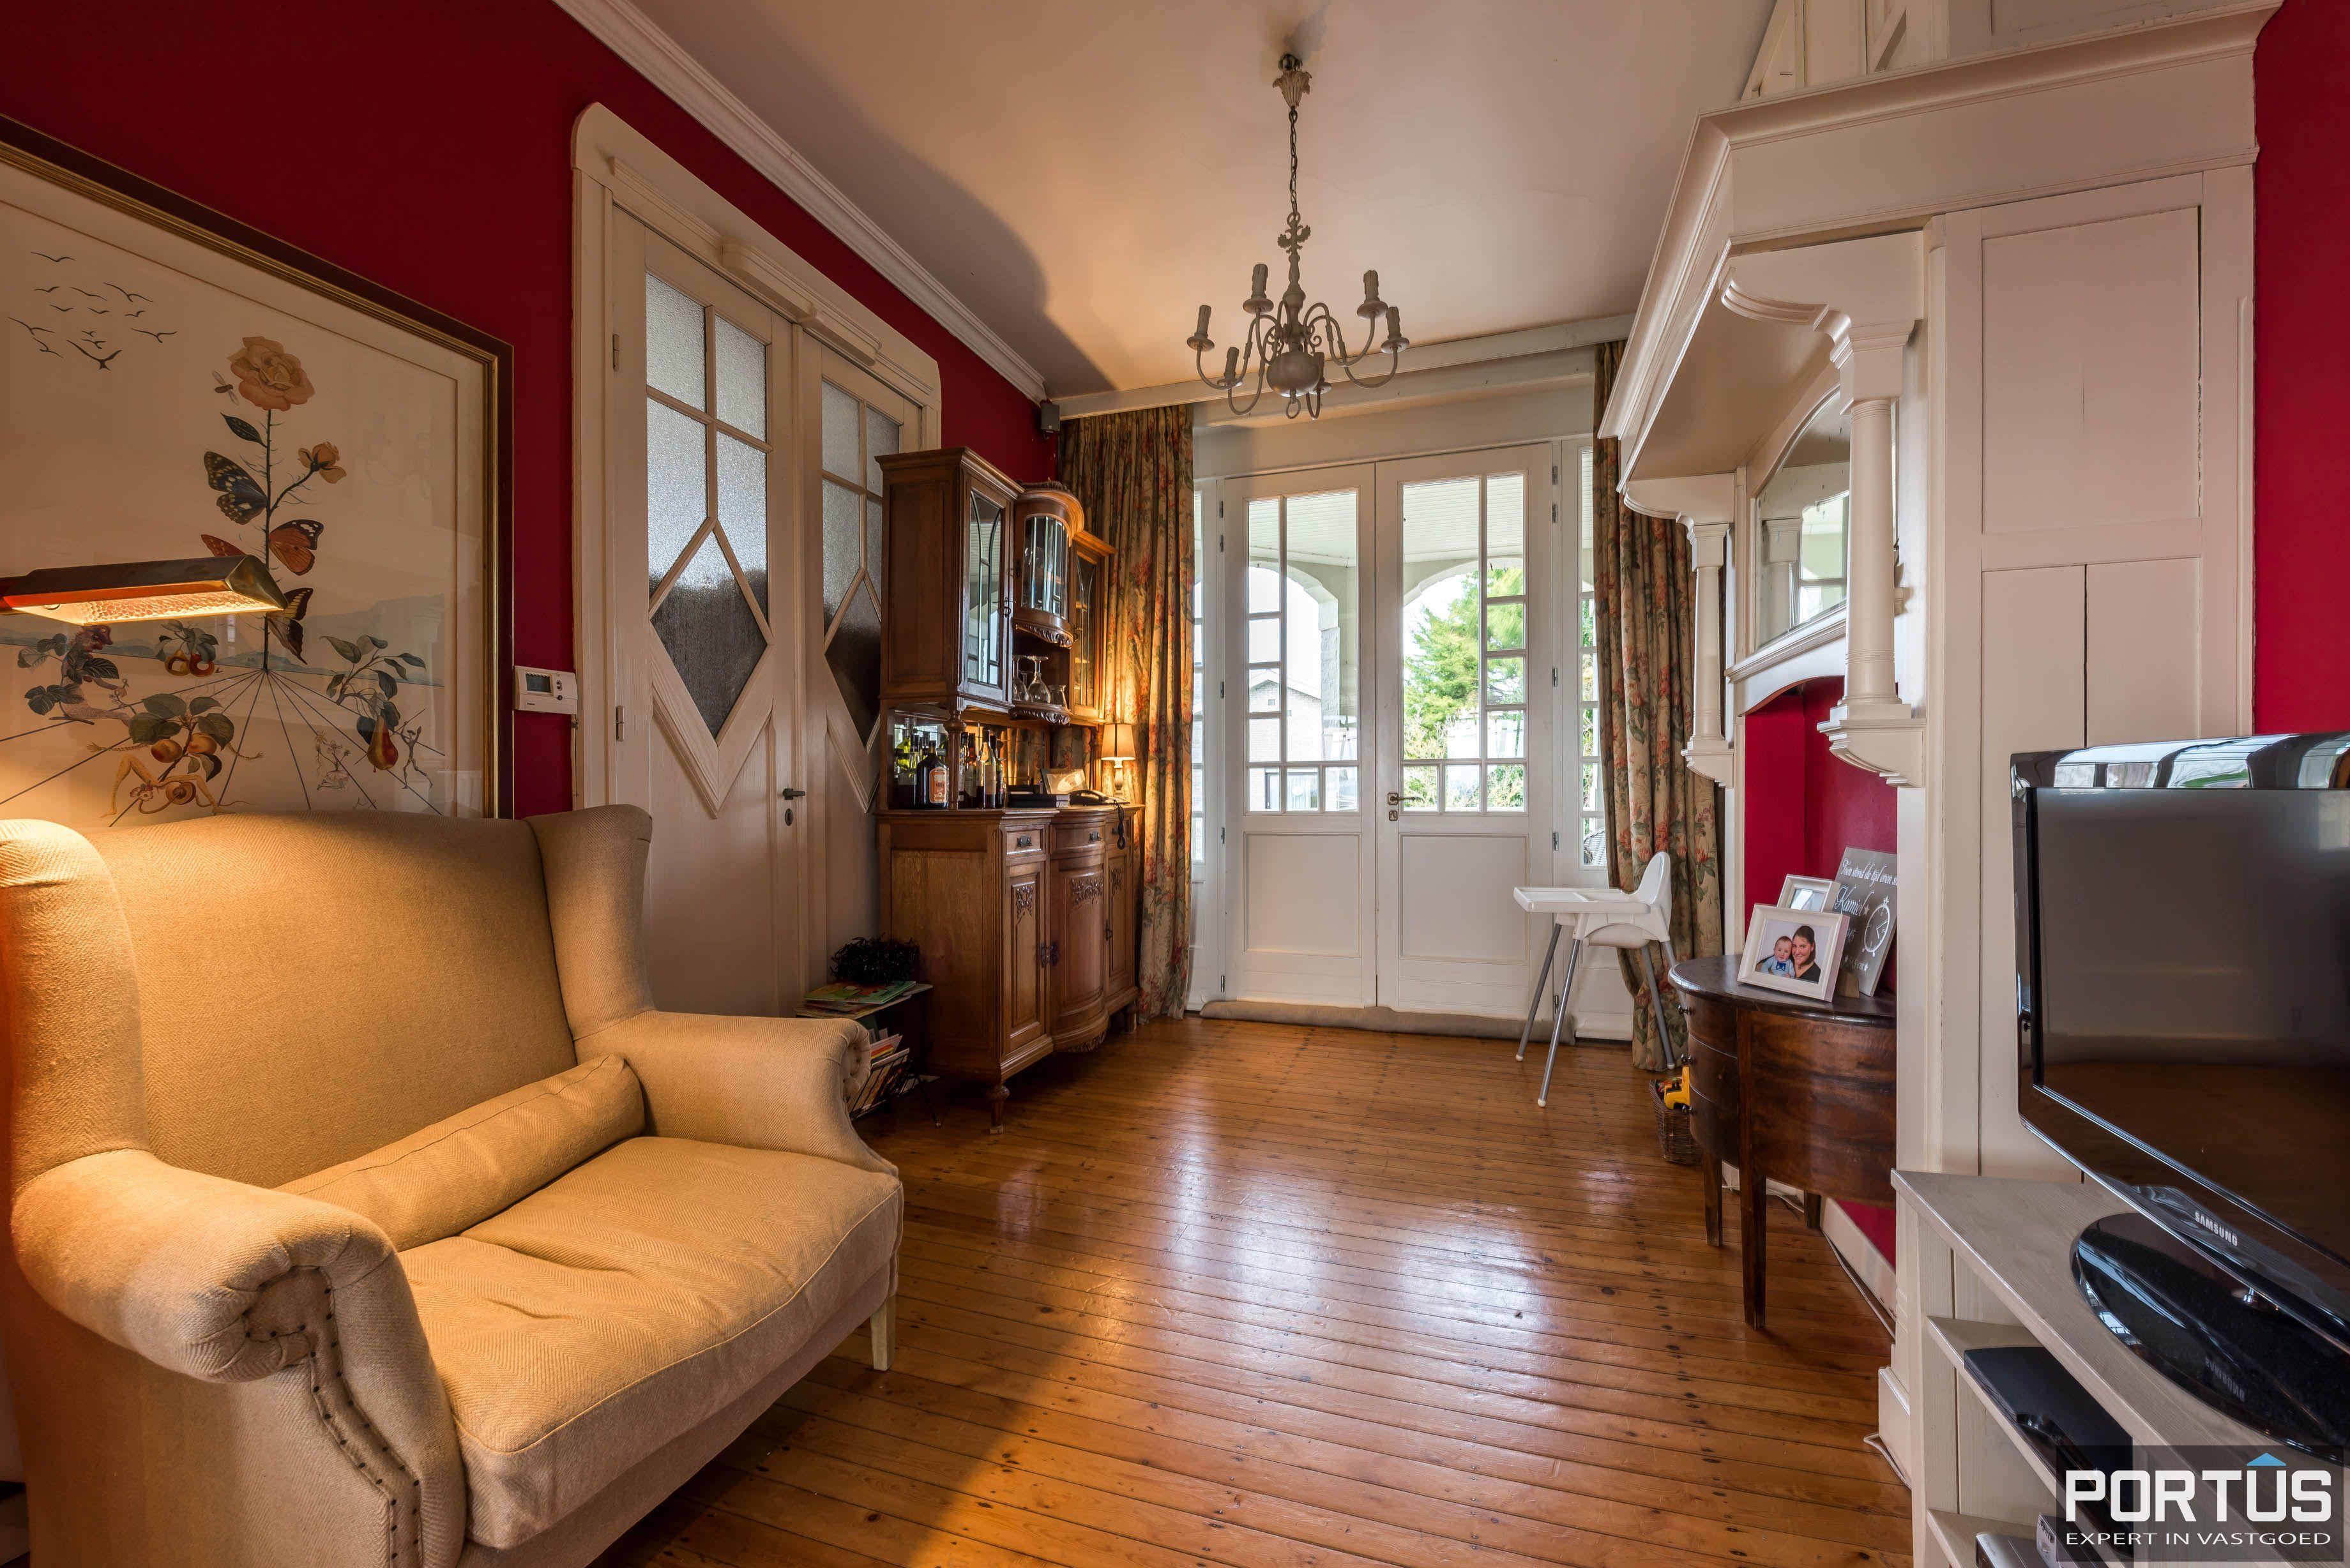 Villa/B&B te koop Westende met 6 slaapkamers - 5435